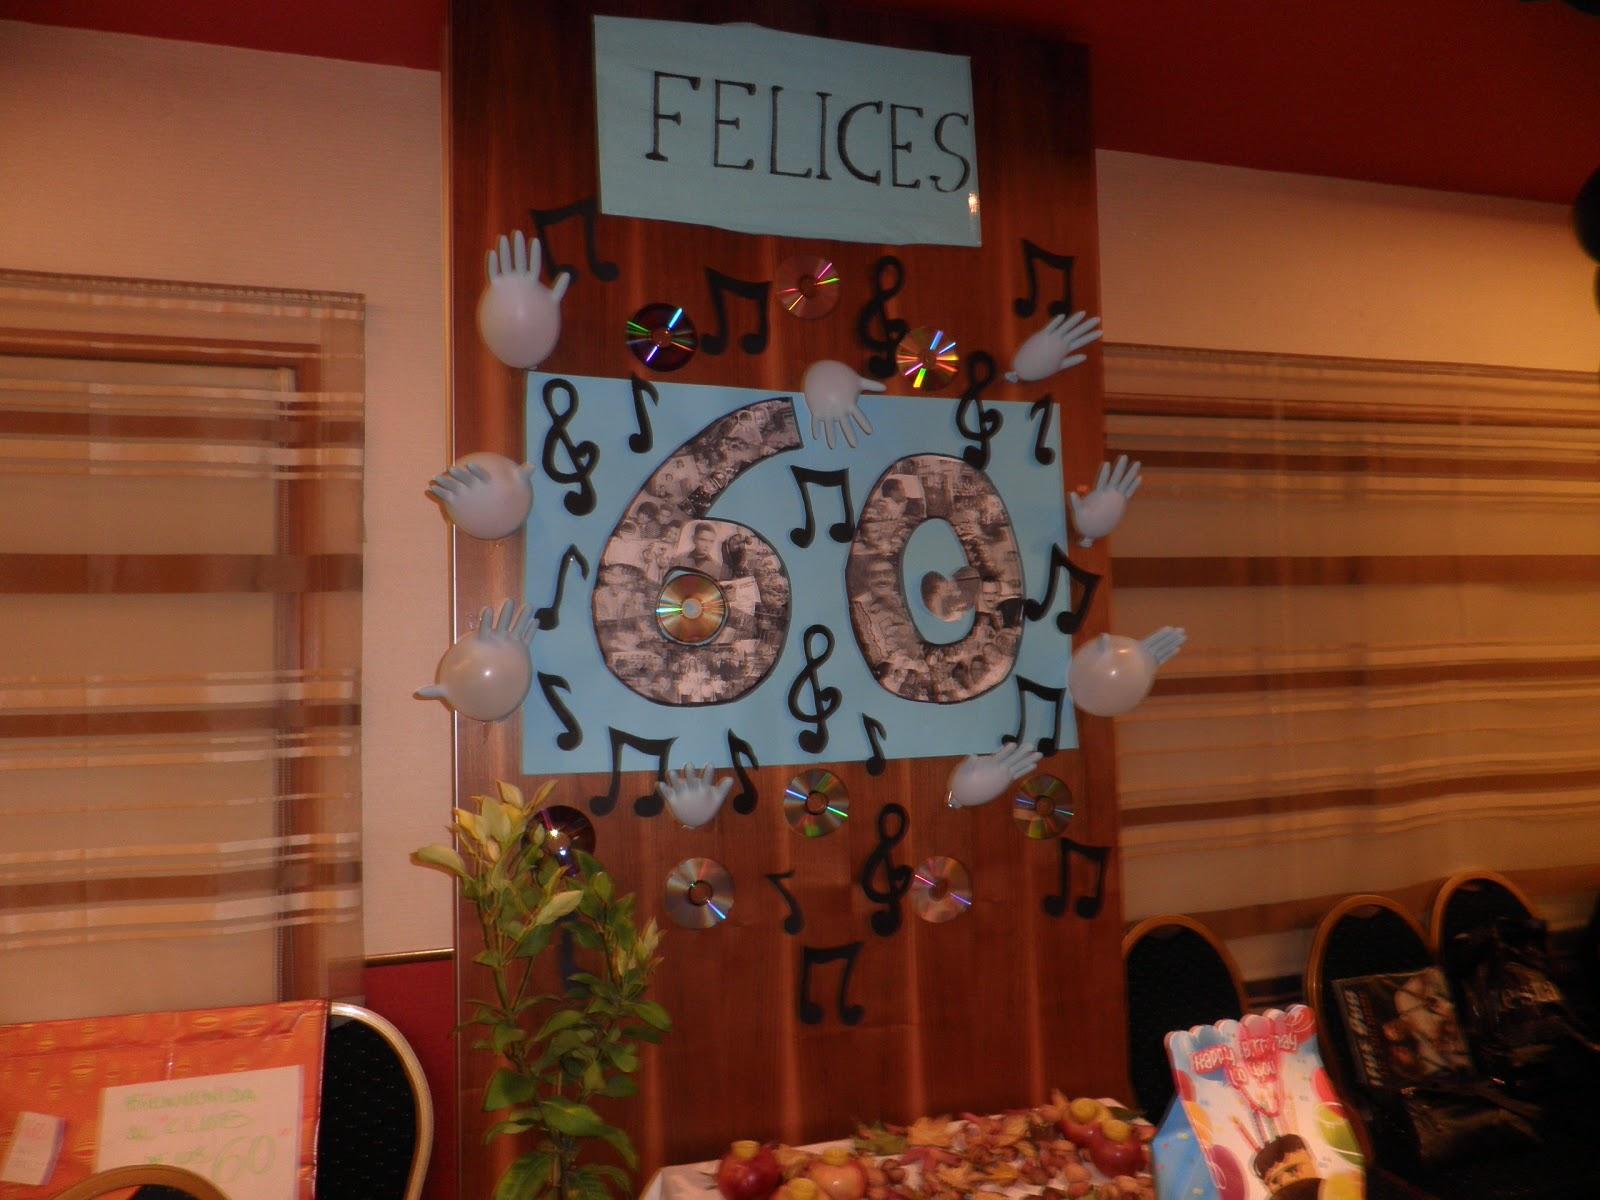 Interiorismo y decoracion lola torga decoraci n tem tica for Decoracion fiesta anos 60